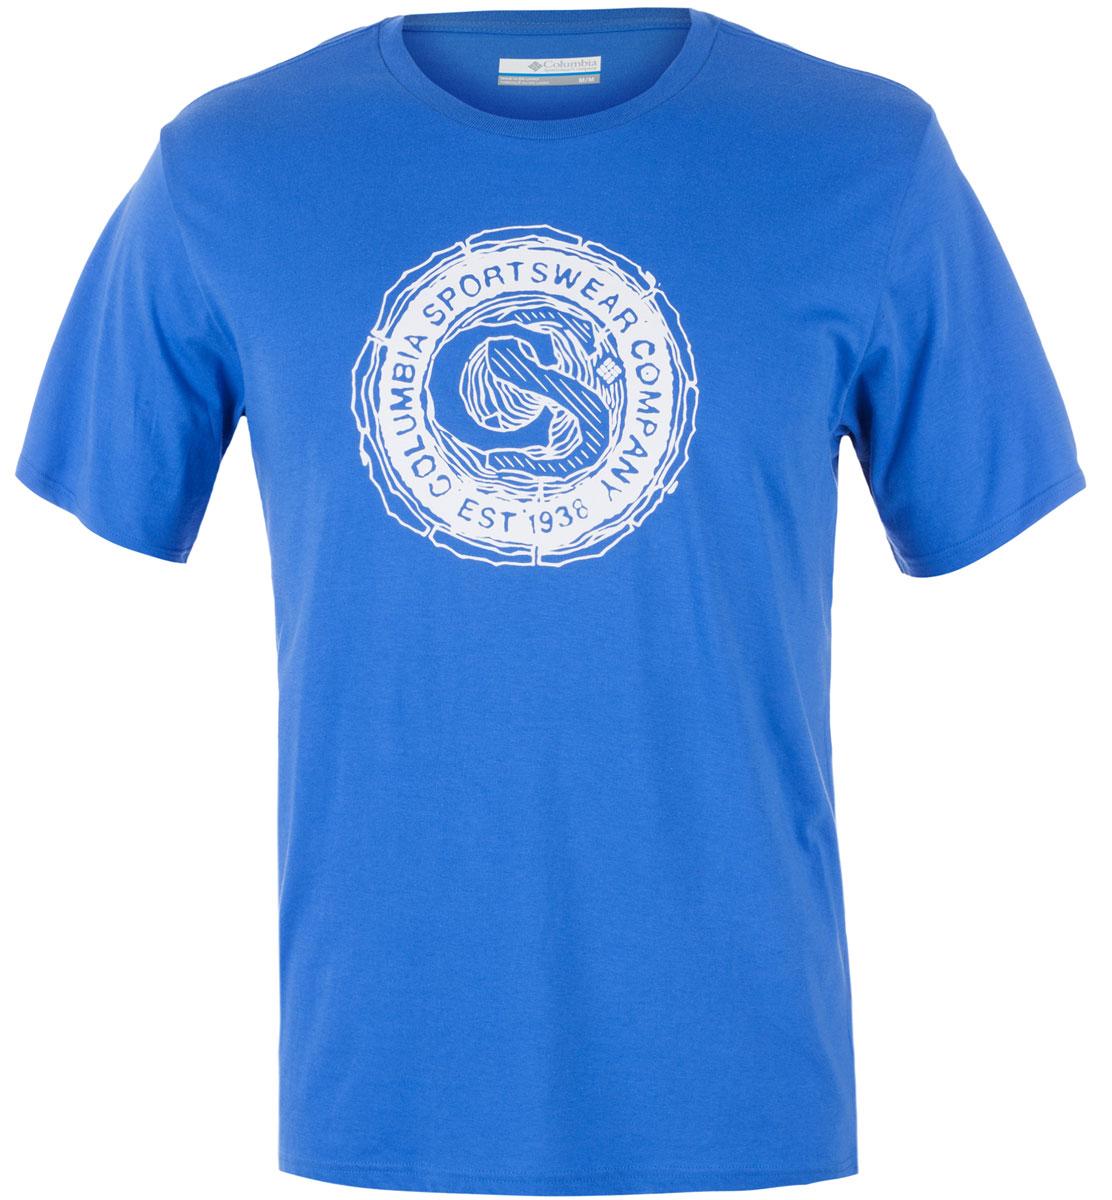 Футболка мужская Columbia Carved Ridge SS T-shirt, цвет: синий. 1713461-426. Размер L (48/50)1713461-426Футболка Columbia - оптимальный вариант для активного отдыха и повседневного использования. Модель выполнена из хлопка, что обеспечивает максимально комфортные ощущения во время использования. Крупный принт на груди придает изделию оригинальность.